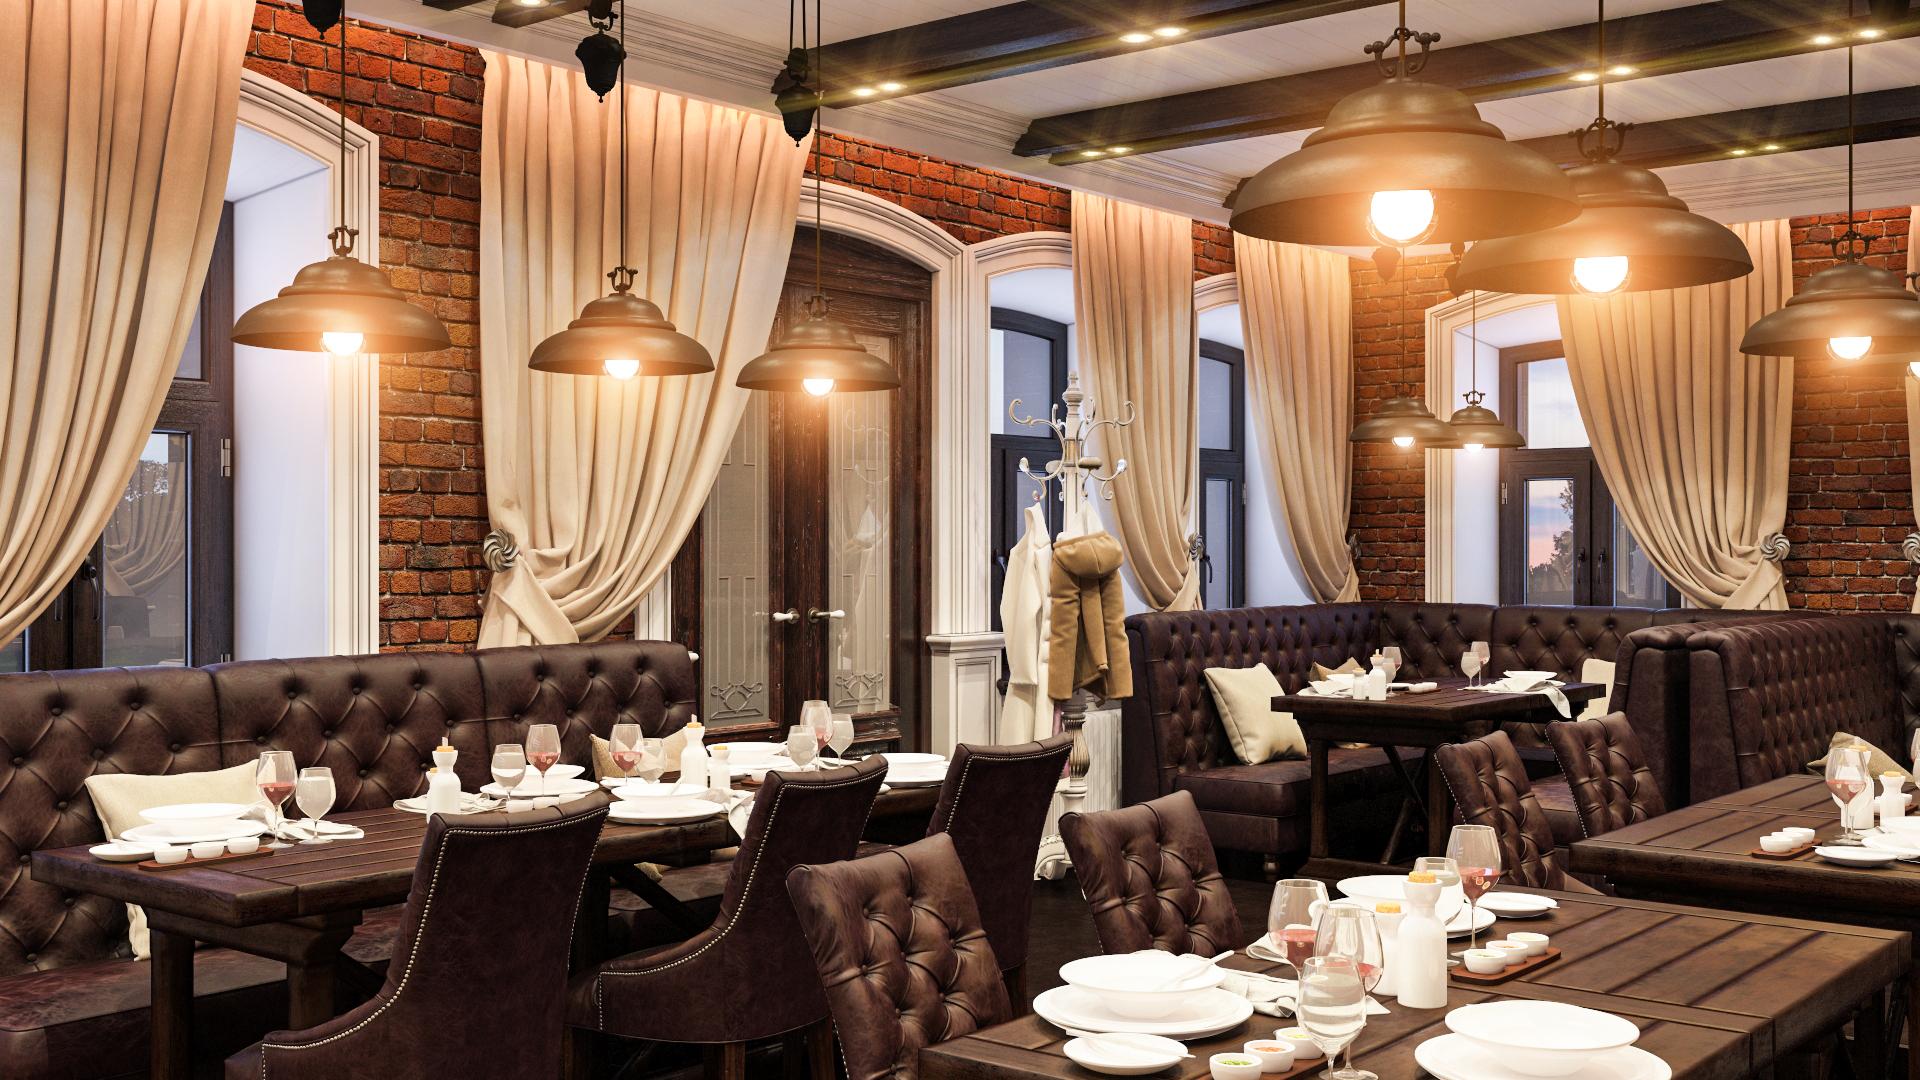 Фото придорожных кафе дизайн